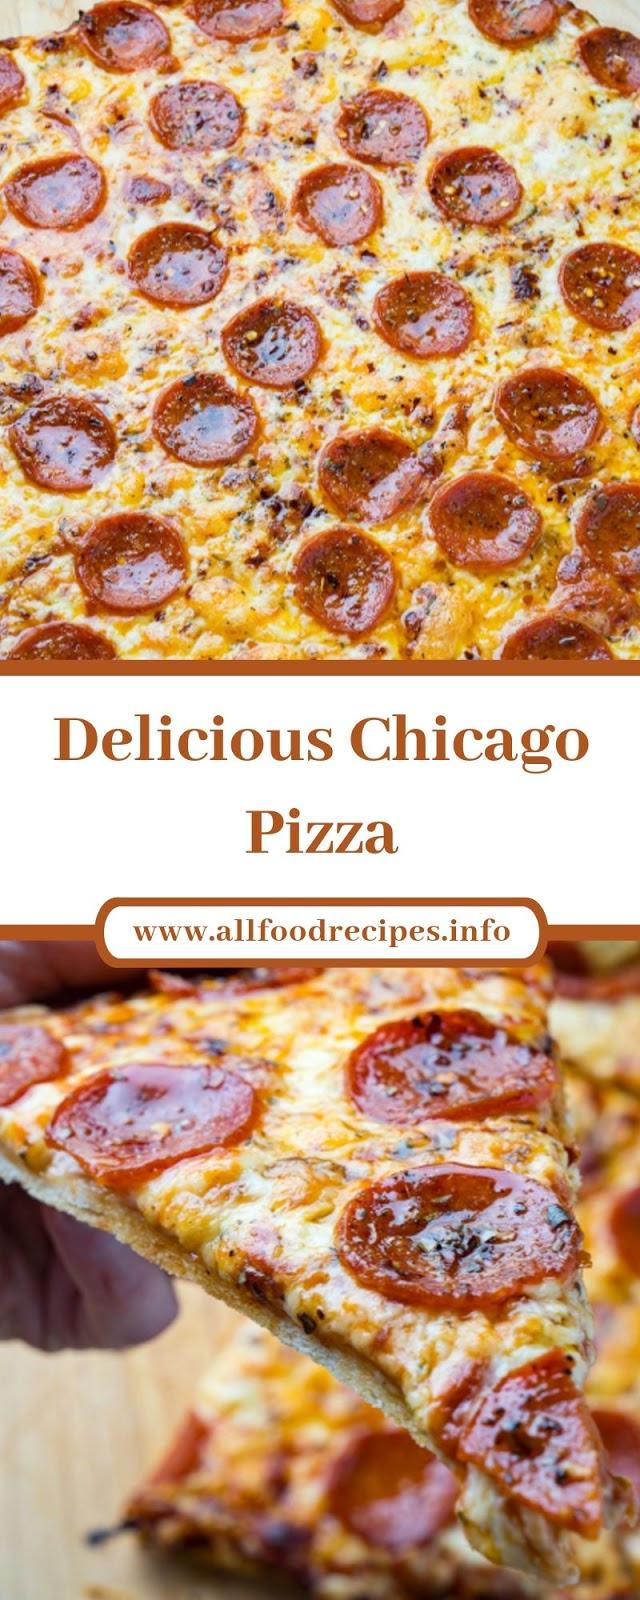 Delicious Chicago Pizza